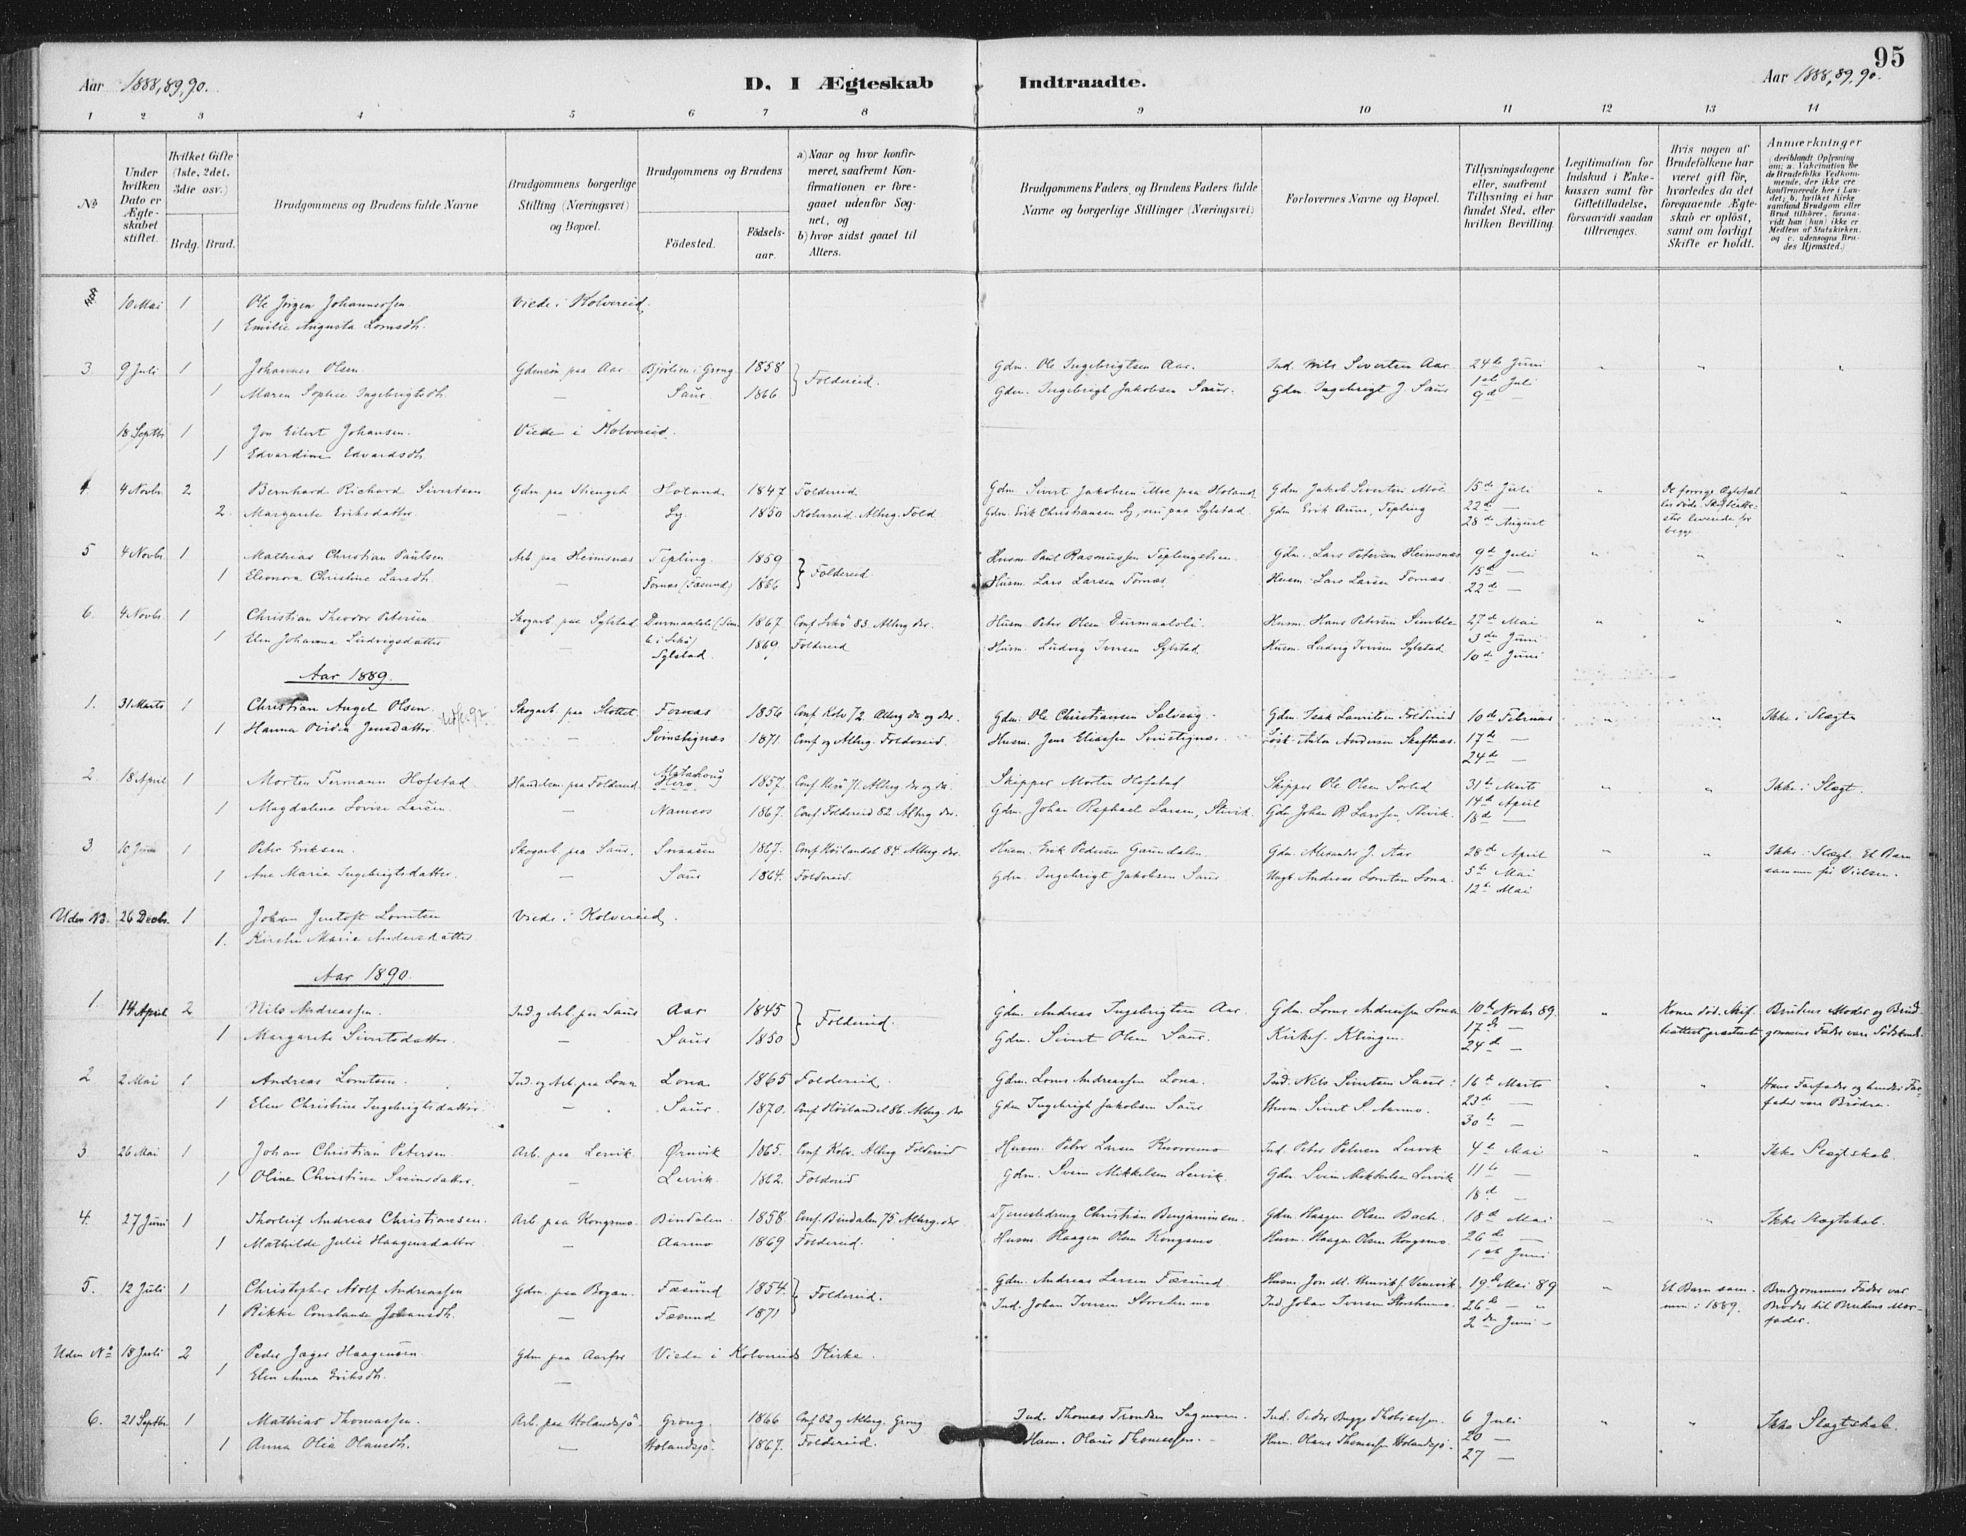 SAT, Ministerialprotokoller, klokkerbøker og fødselsregistre - Nord-Trøndelag, 783/L0660: Ministerialbok nr. 783A02, 1886-1918, s. 95